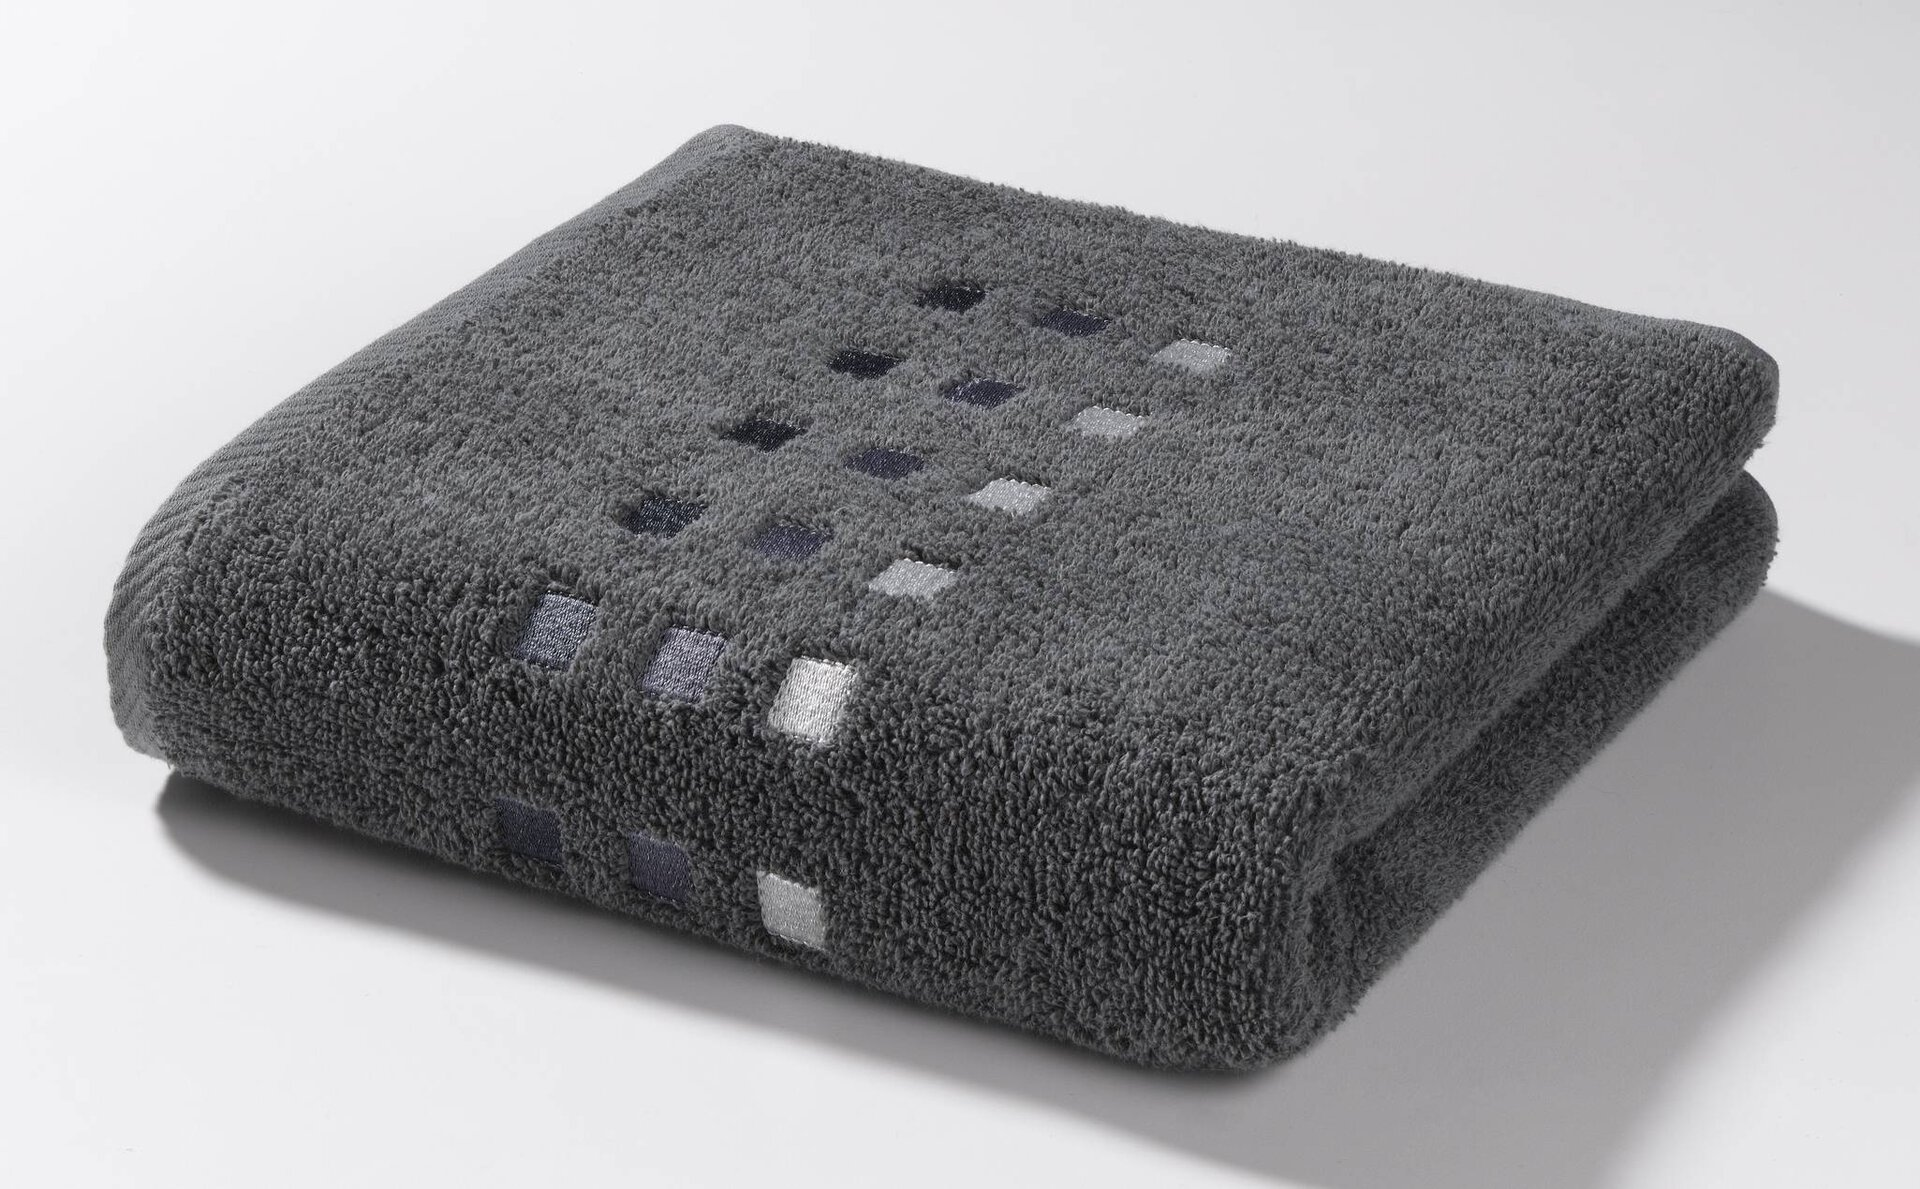 Handtuch Quattri Casa Nova Textil 50 x 100 cm